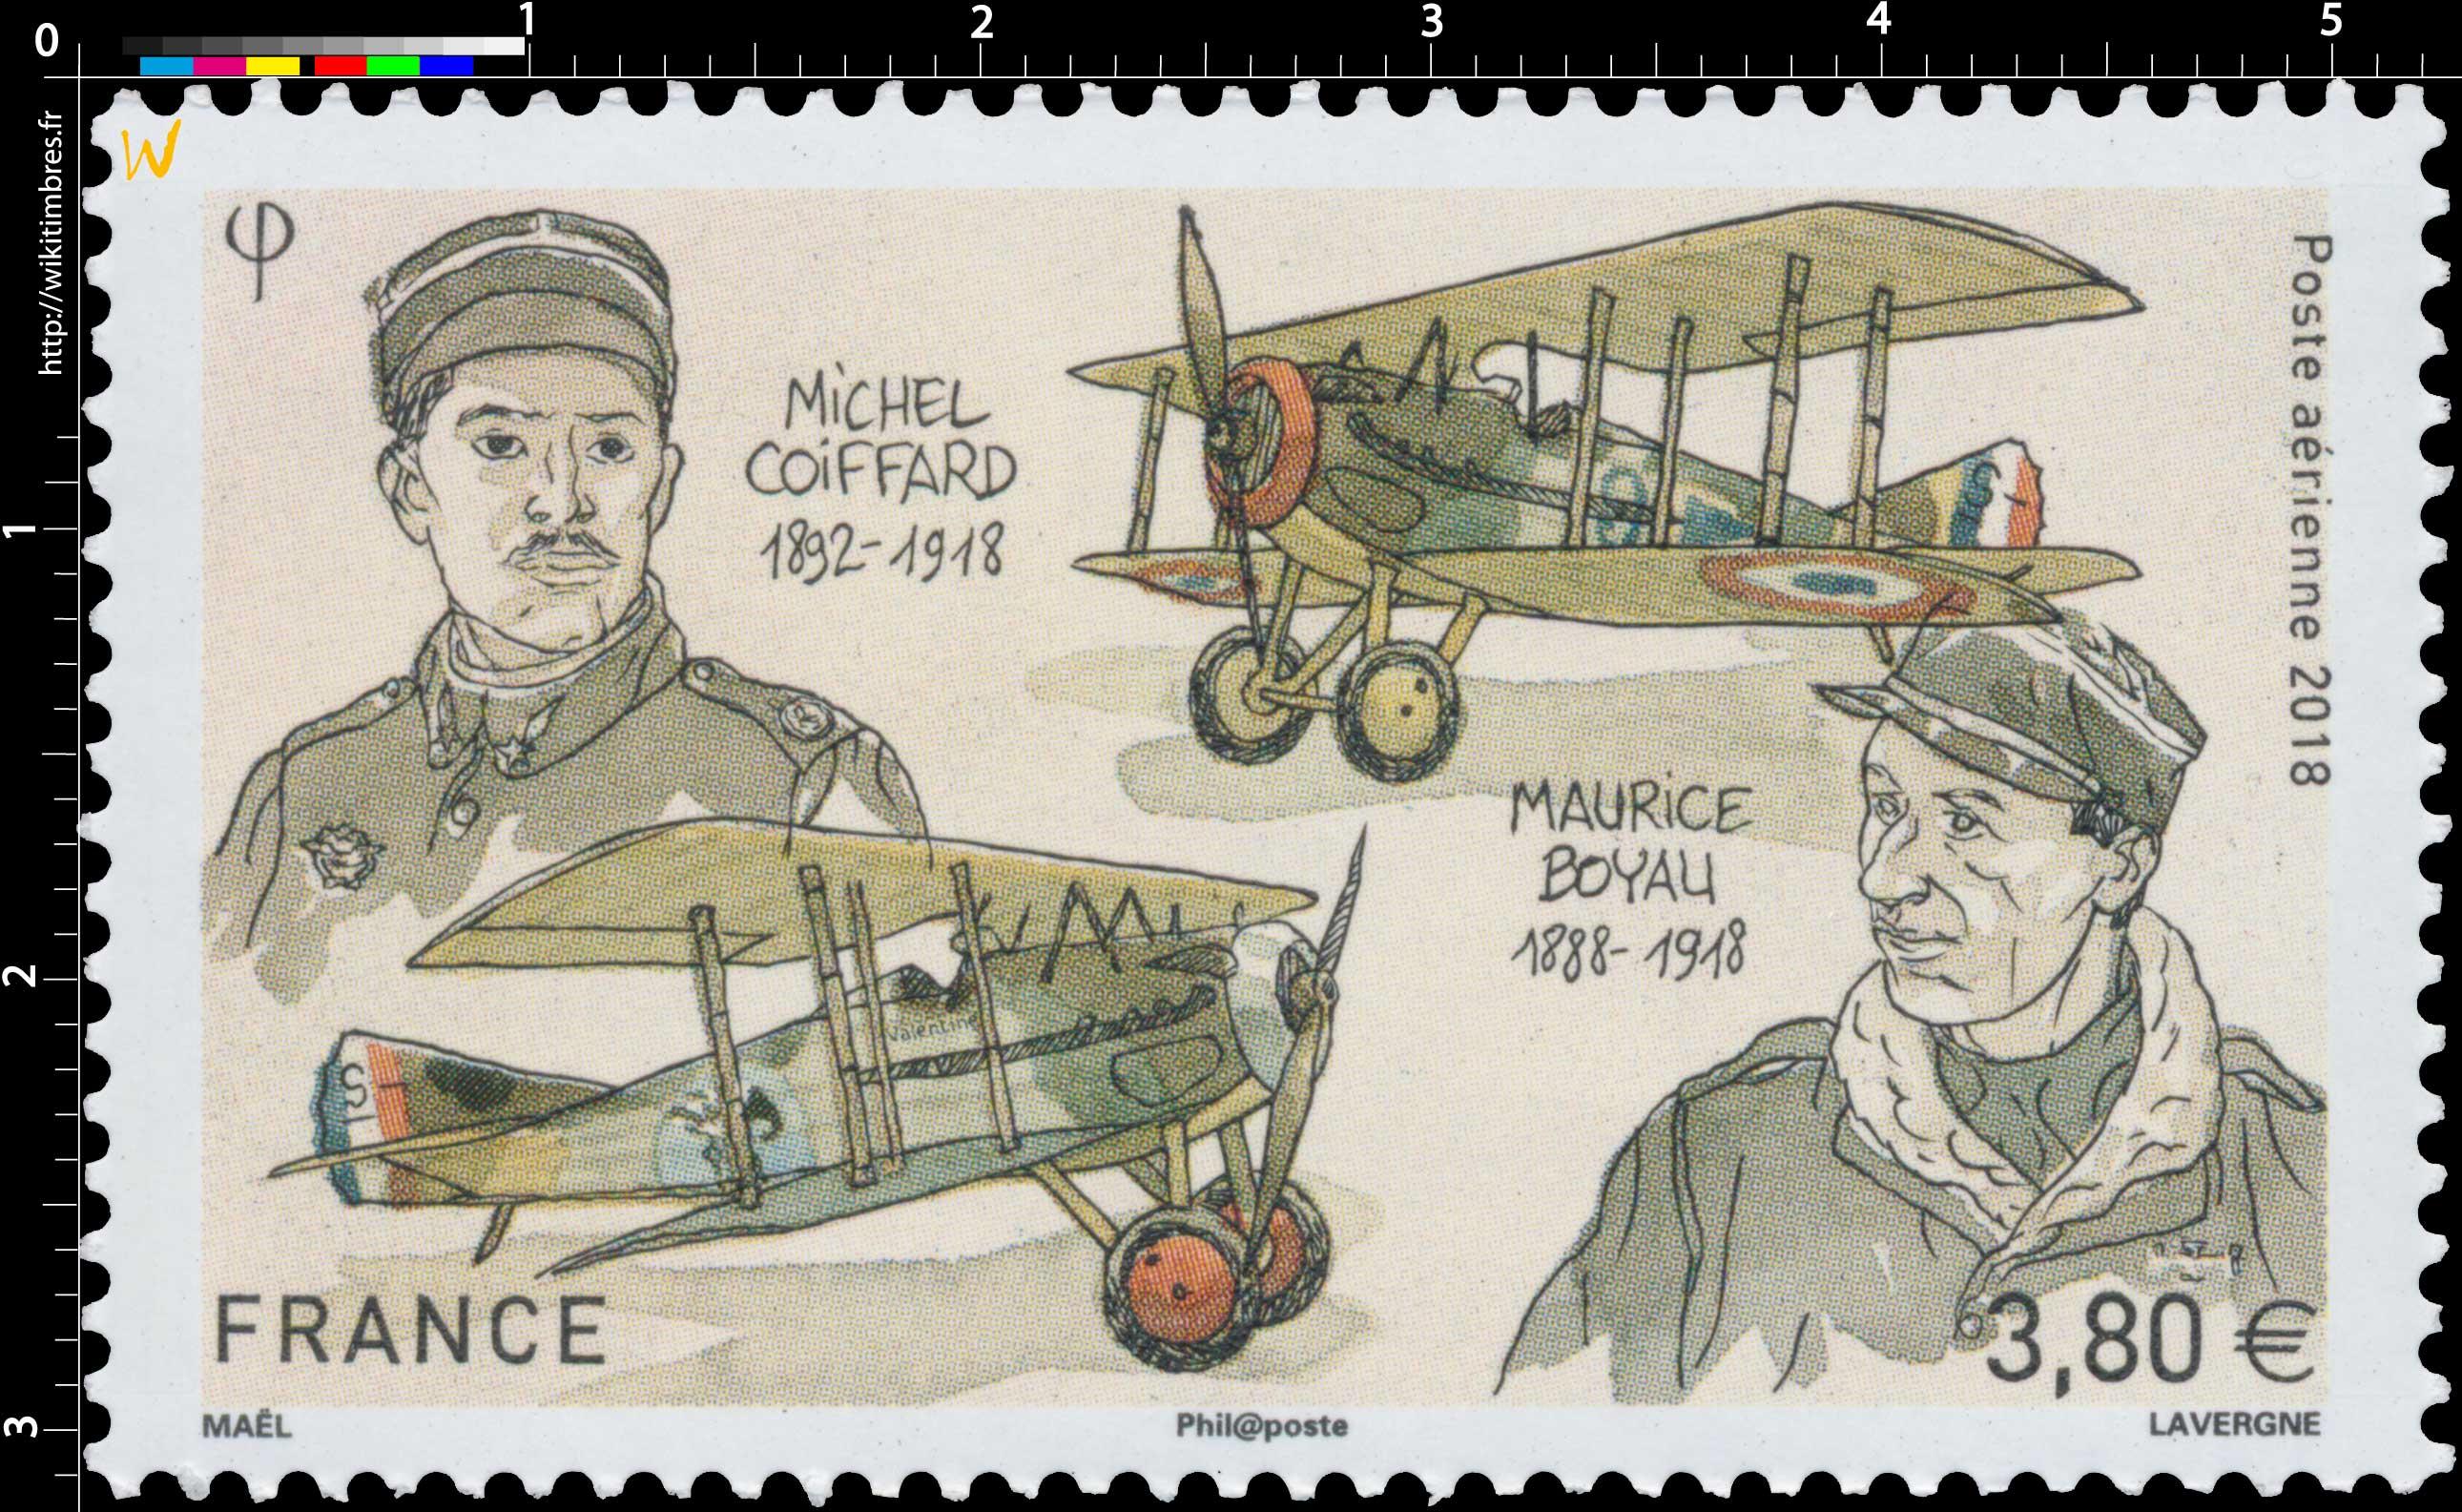 2018 Michel COIFFARD 1892-1918  –  Maurice BOYAU 1888-1918